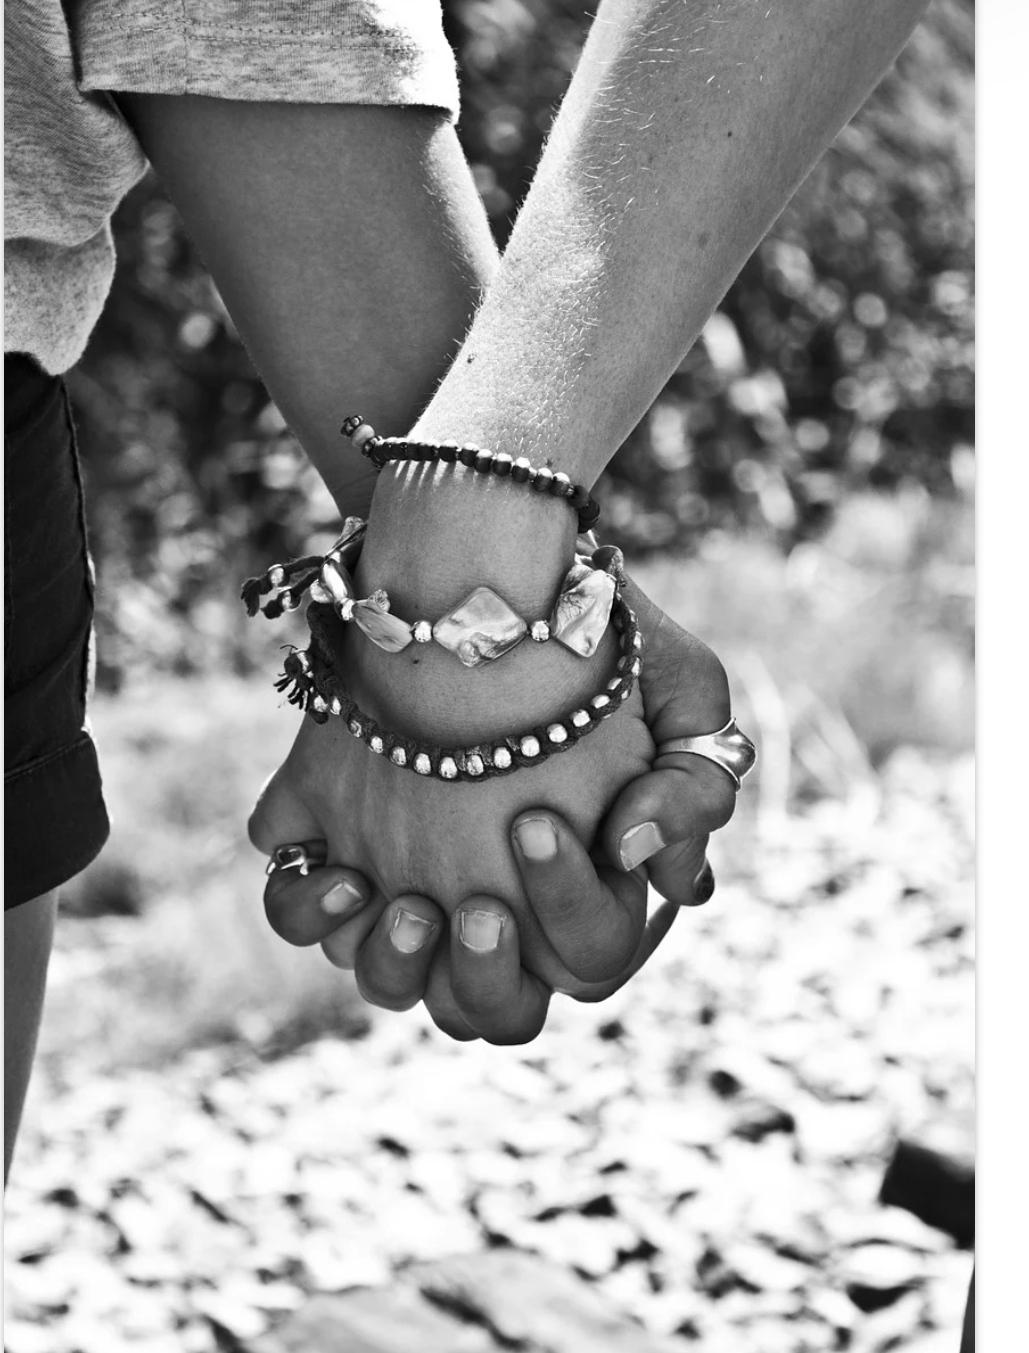 नातं मैत्रीच्या पलीकडे आणि प्रेमाच्या अलिकडे भाग १४